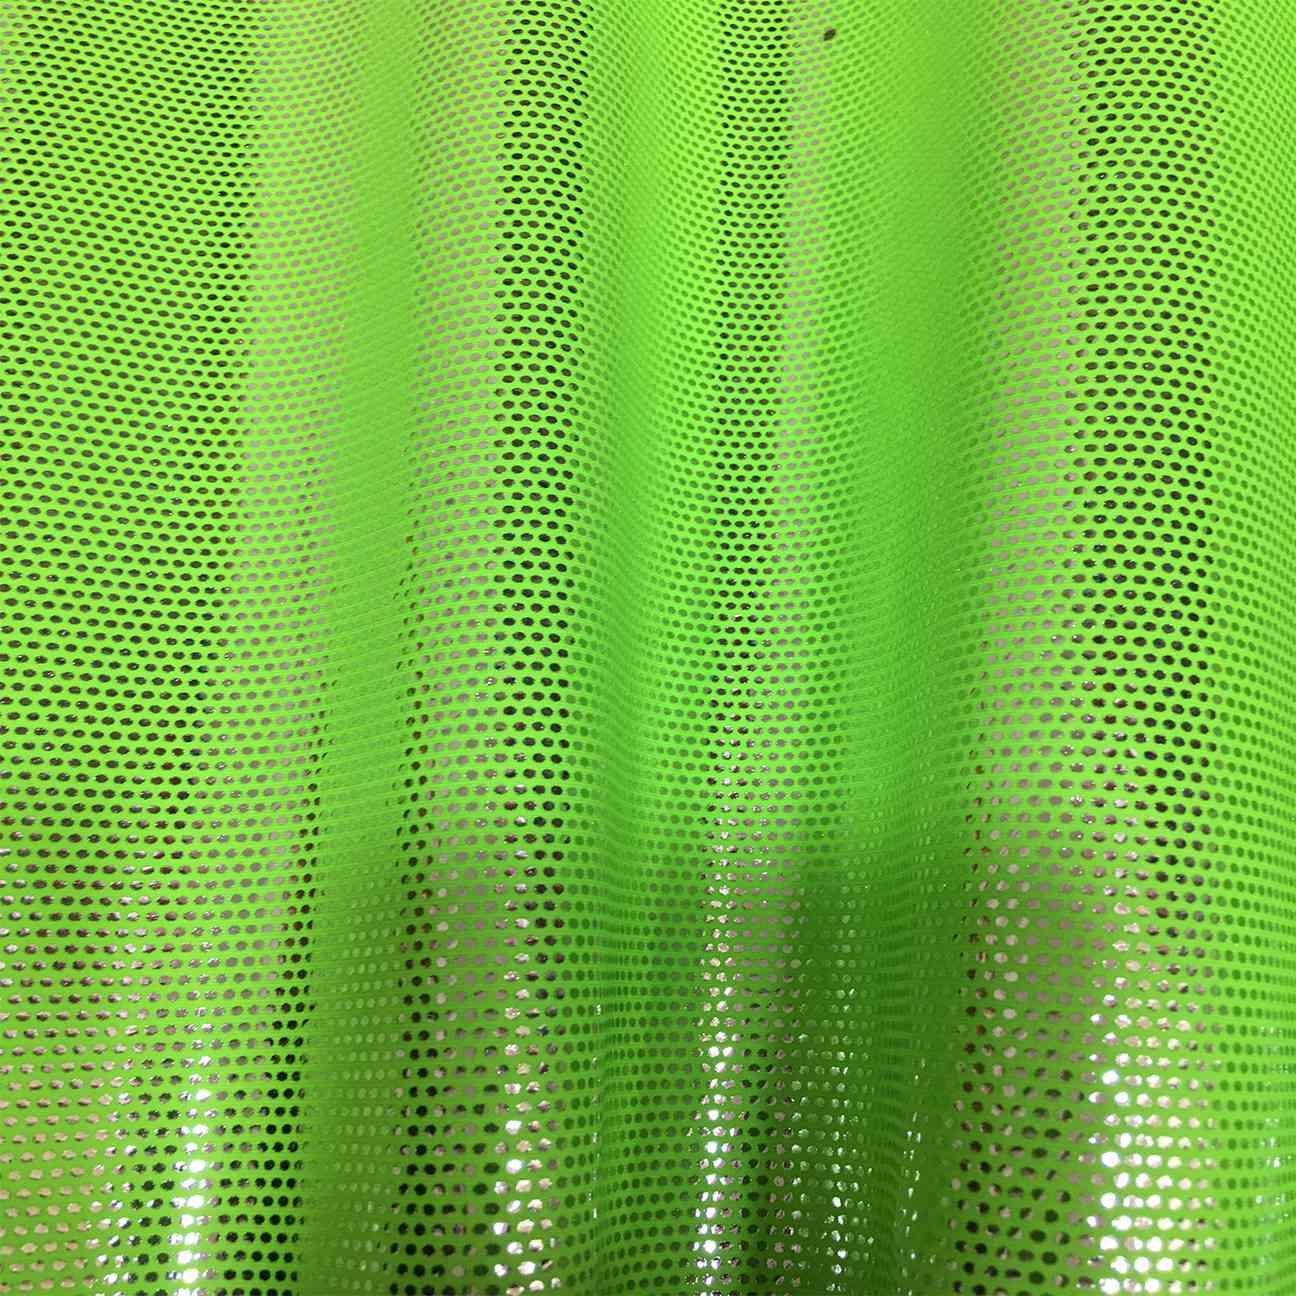 d46192c153b9 Lycra brillante de neón fondo verde brillante plata - Lionel Telas